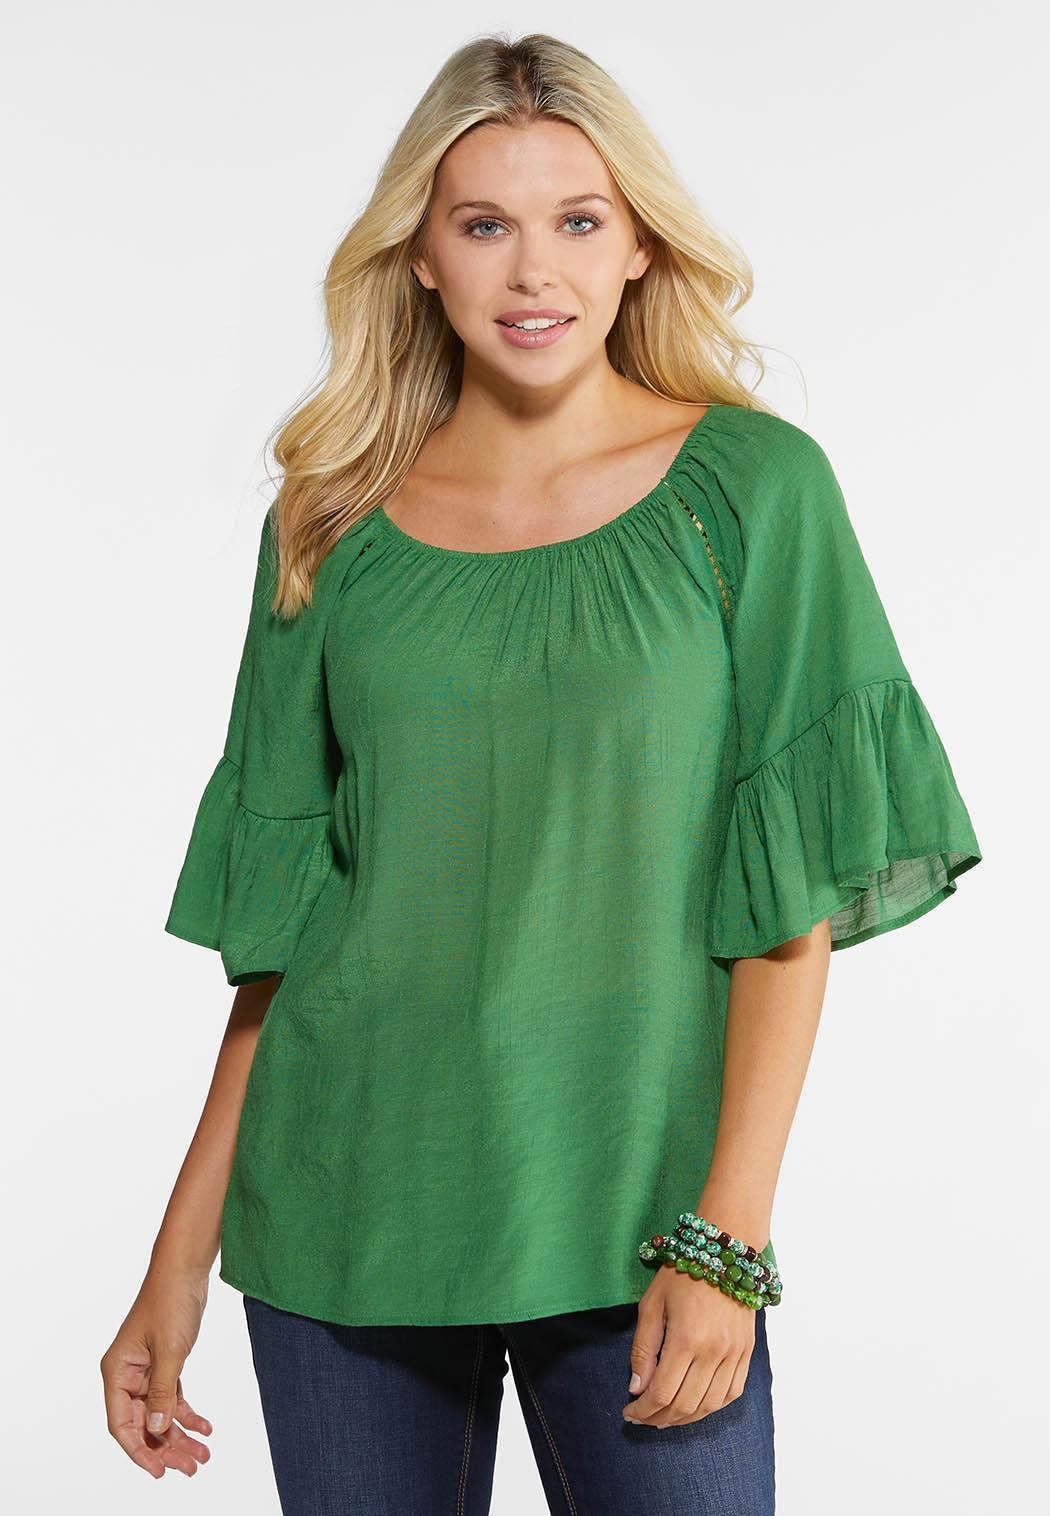 28f5658b9a3725 Women's Plus Size Shirts & Blouses